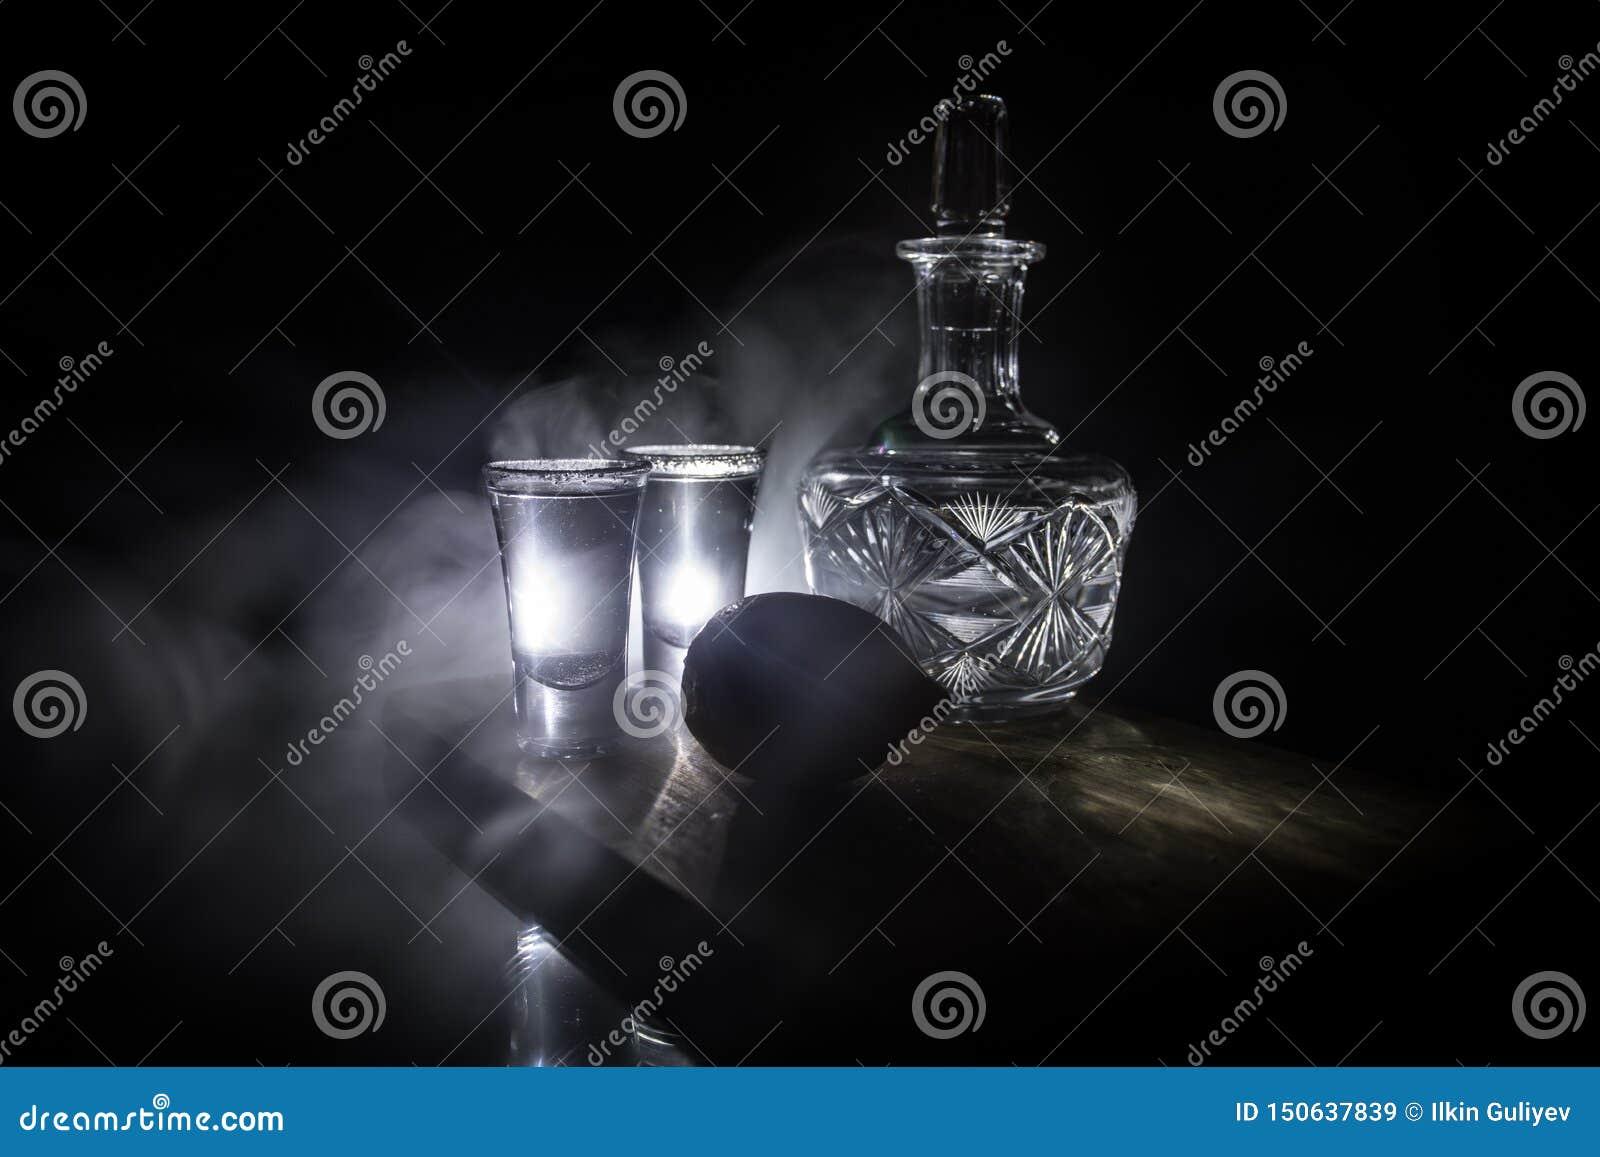 Concepto de la bebida del club Tequila sabroso del cóctel de la bebida del alcohol con la cal y la sal en fondo oscuro vibrante o